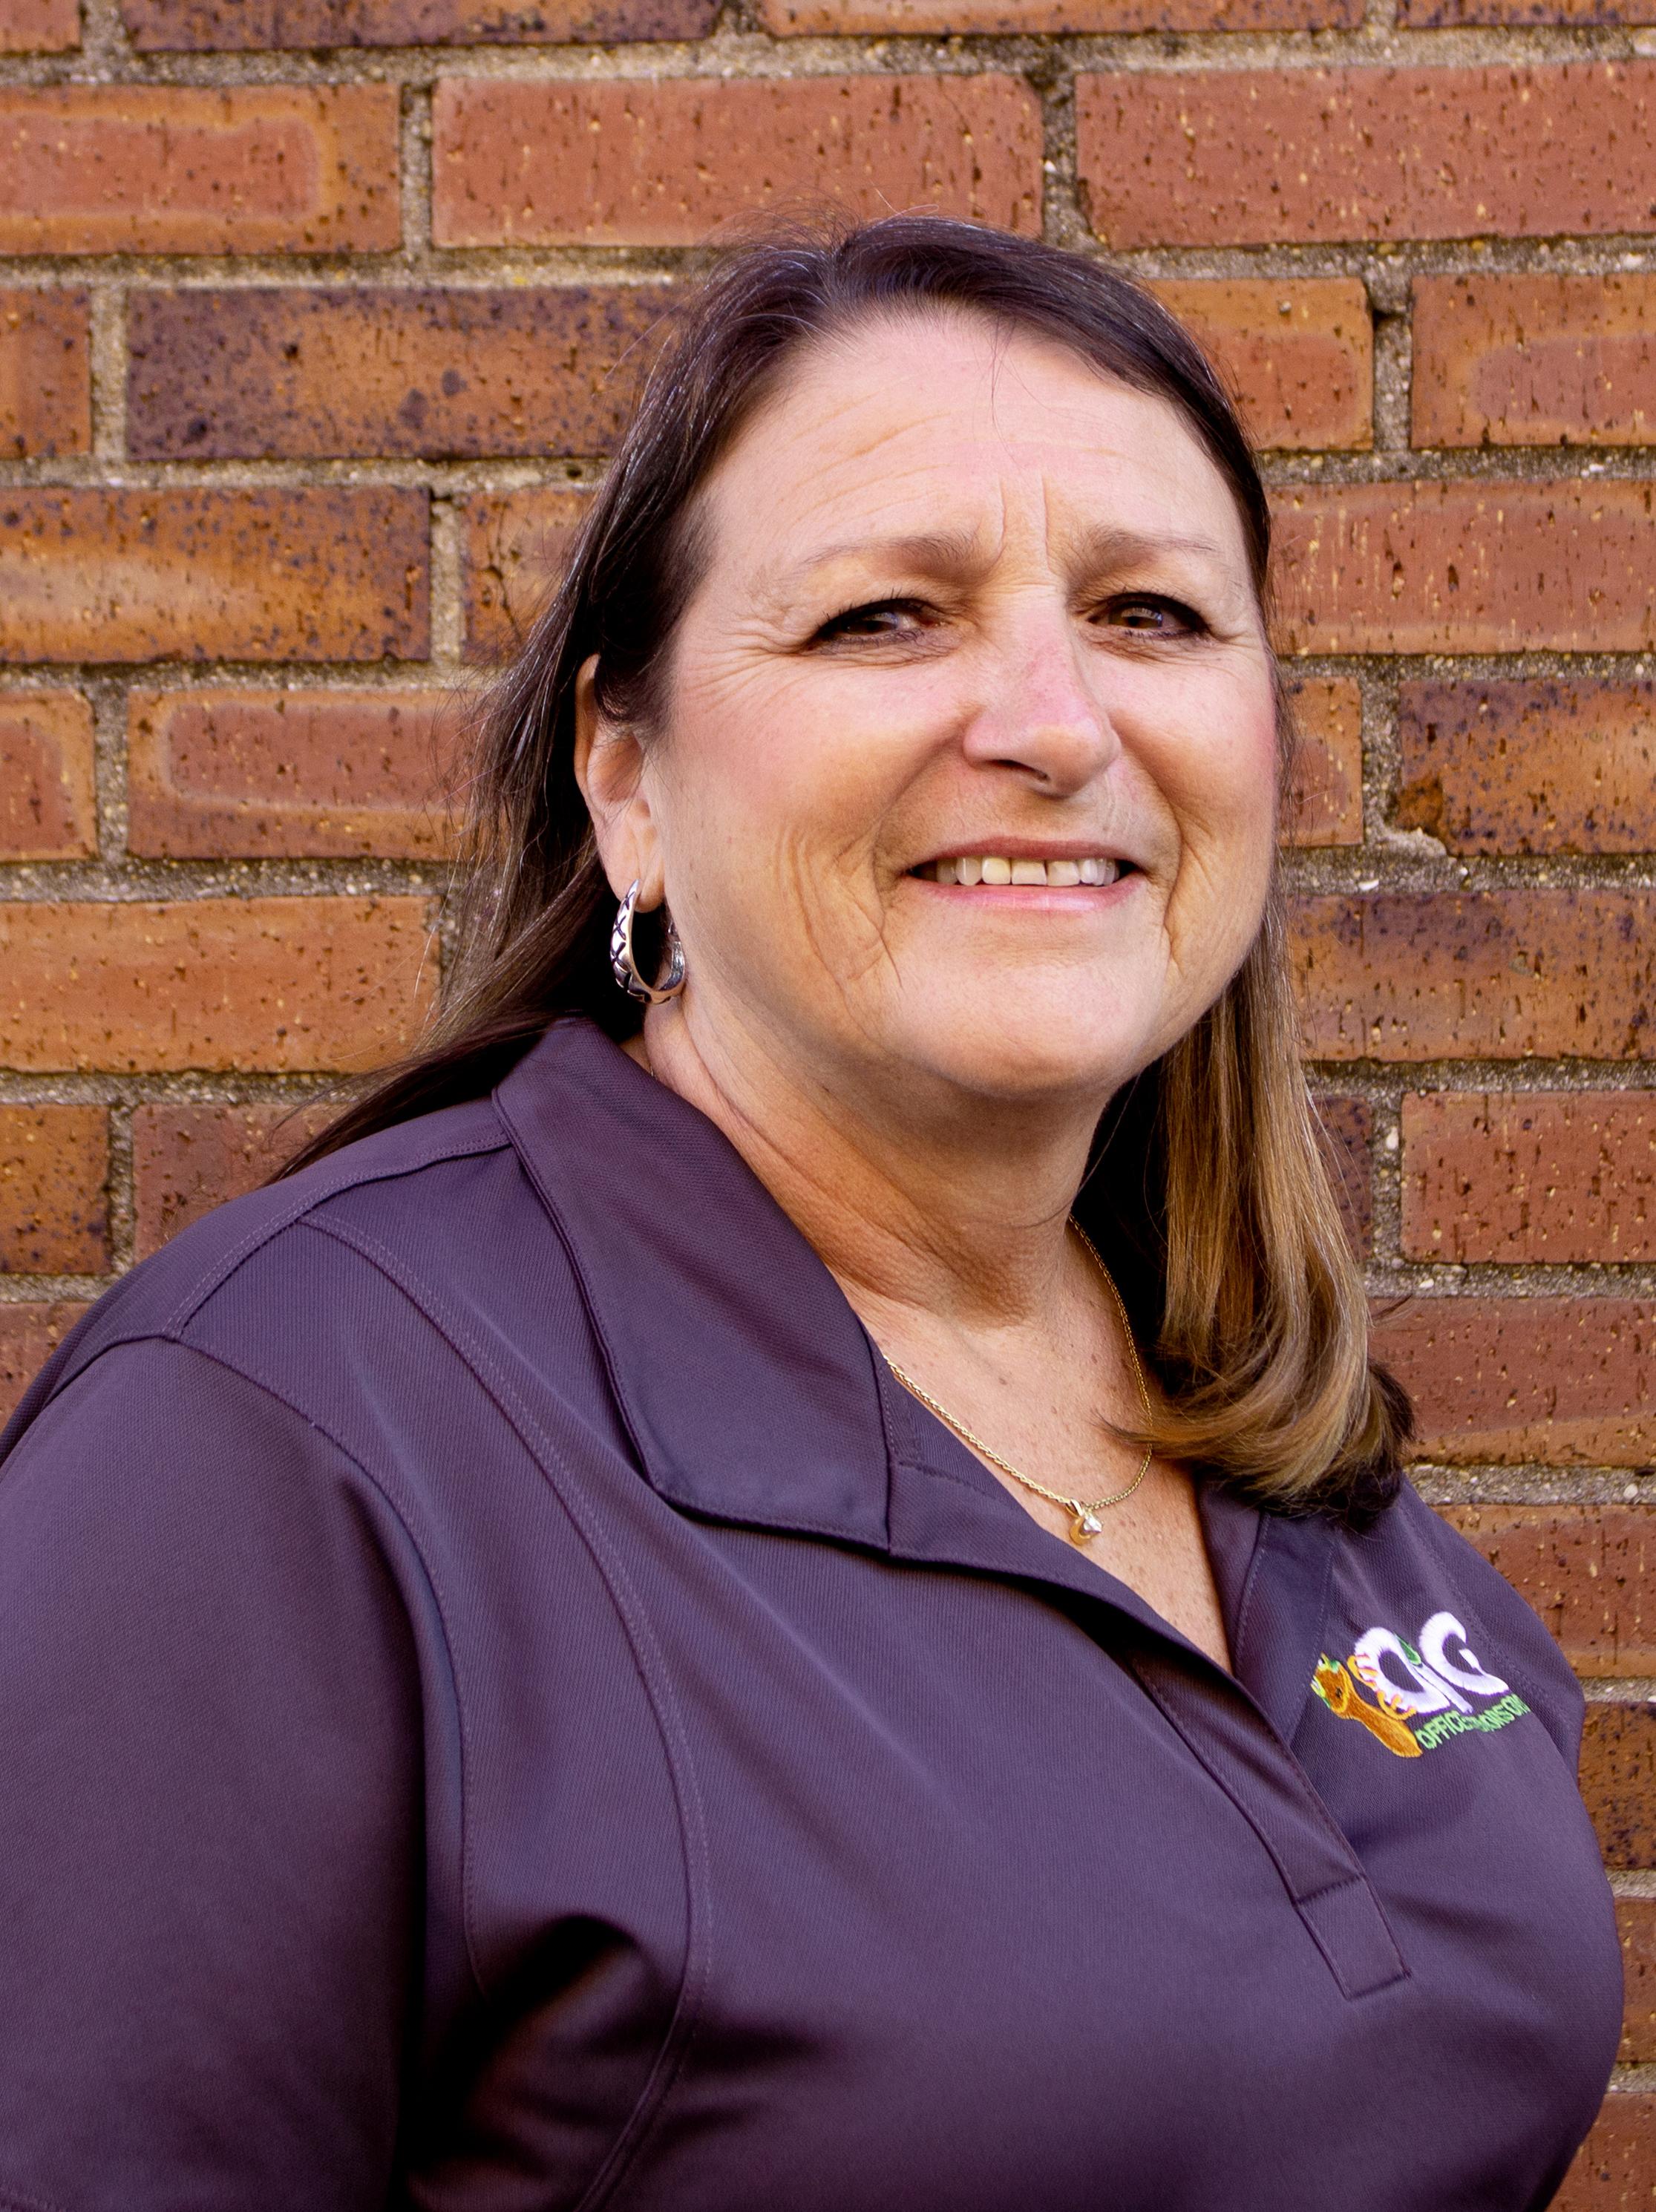 Jane Ingersoll